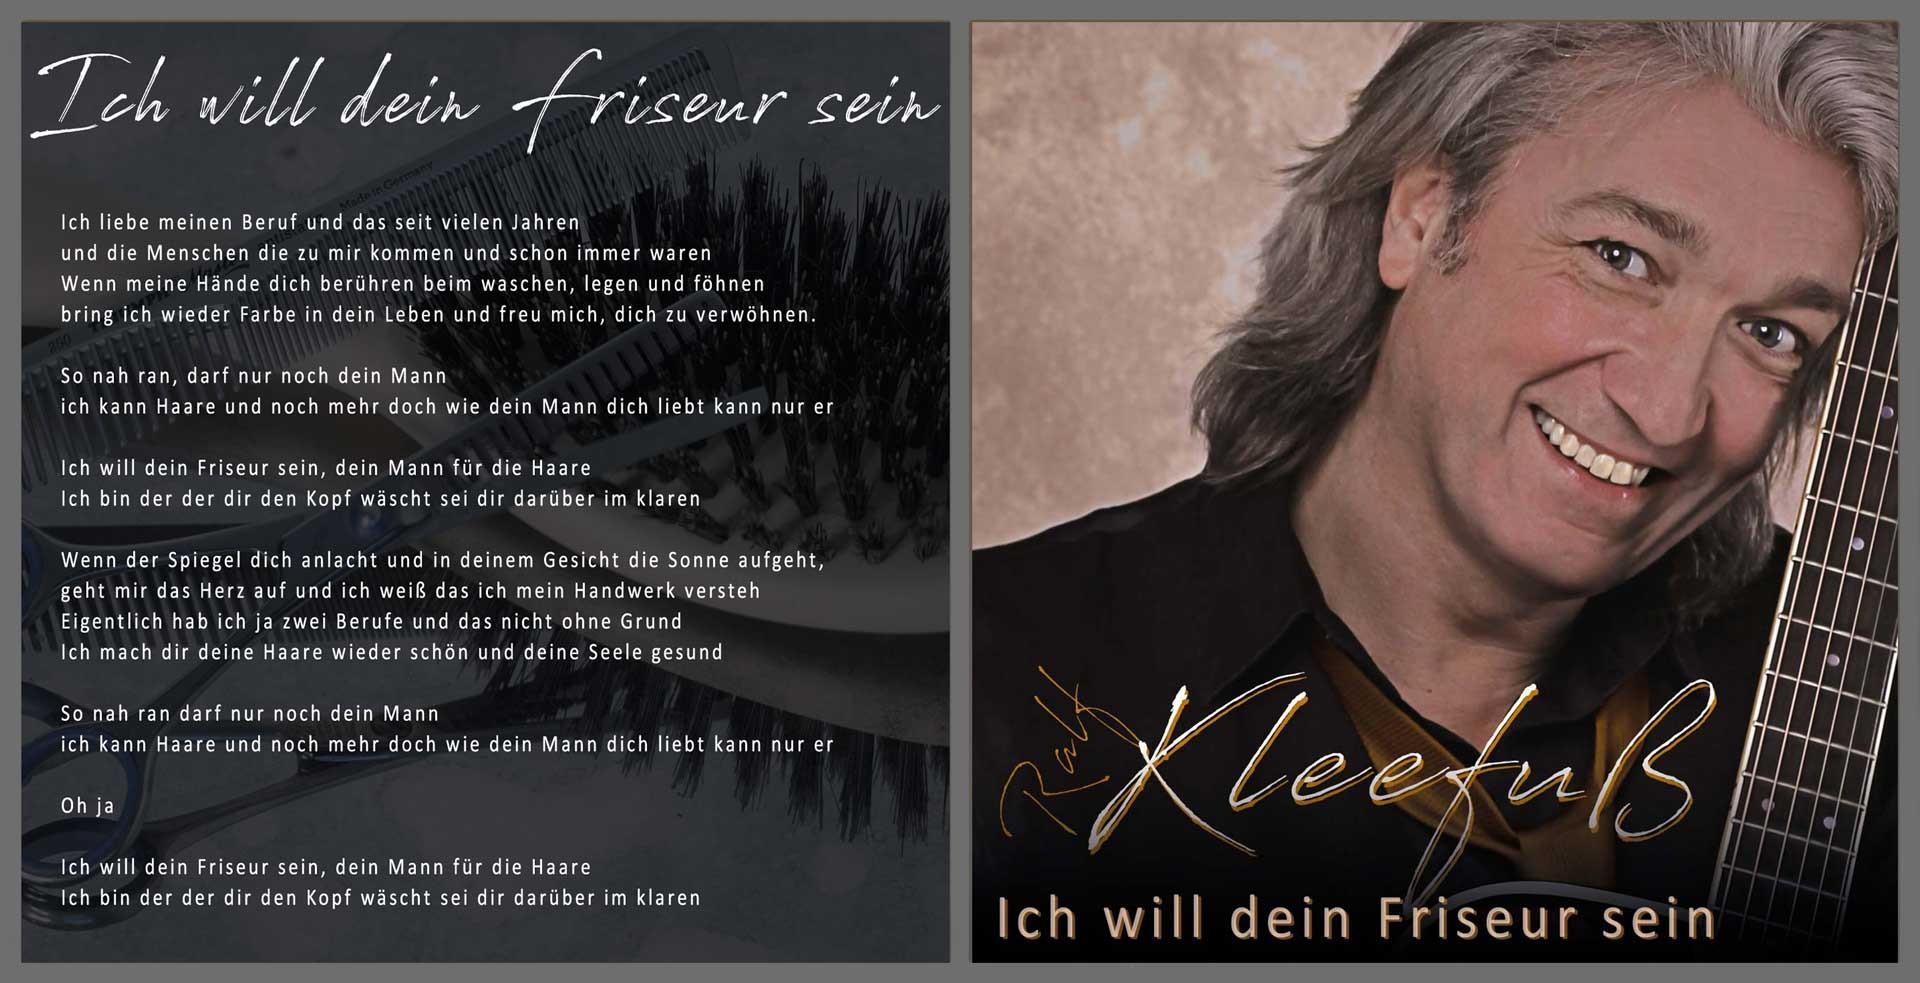 Ralf Kleefuss - Ich will dein Friseur sein